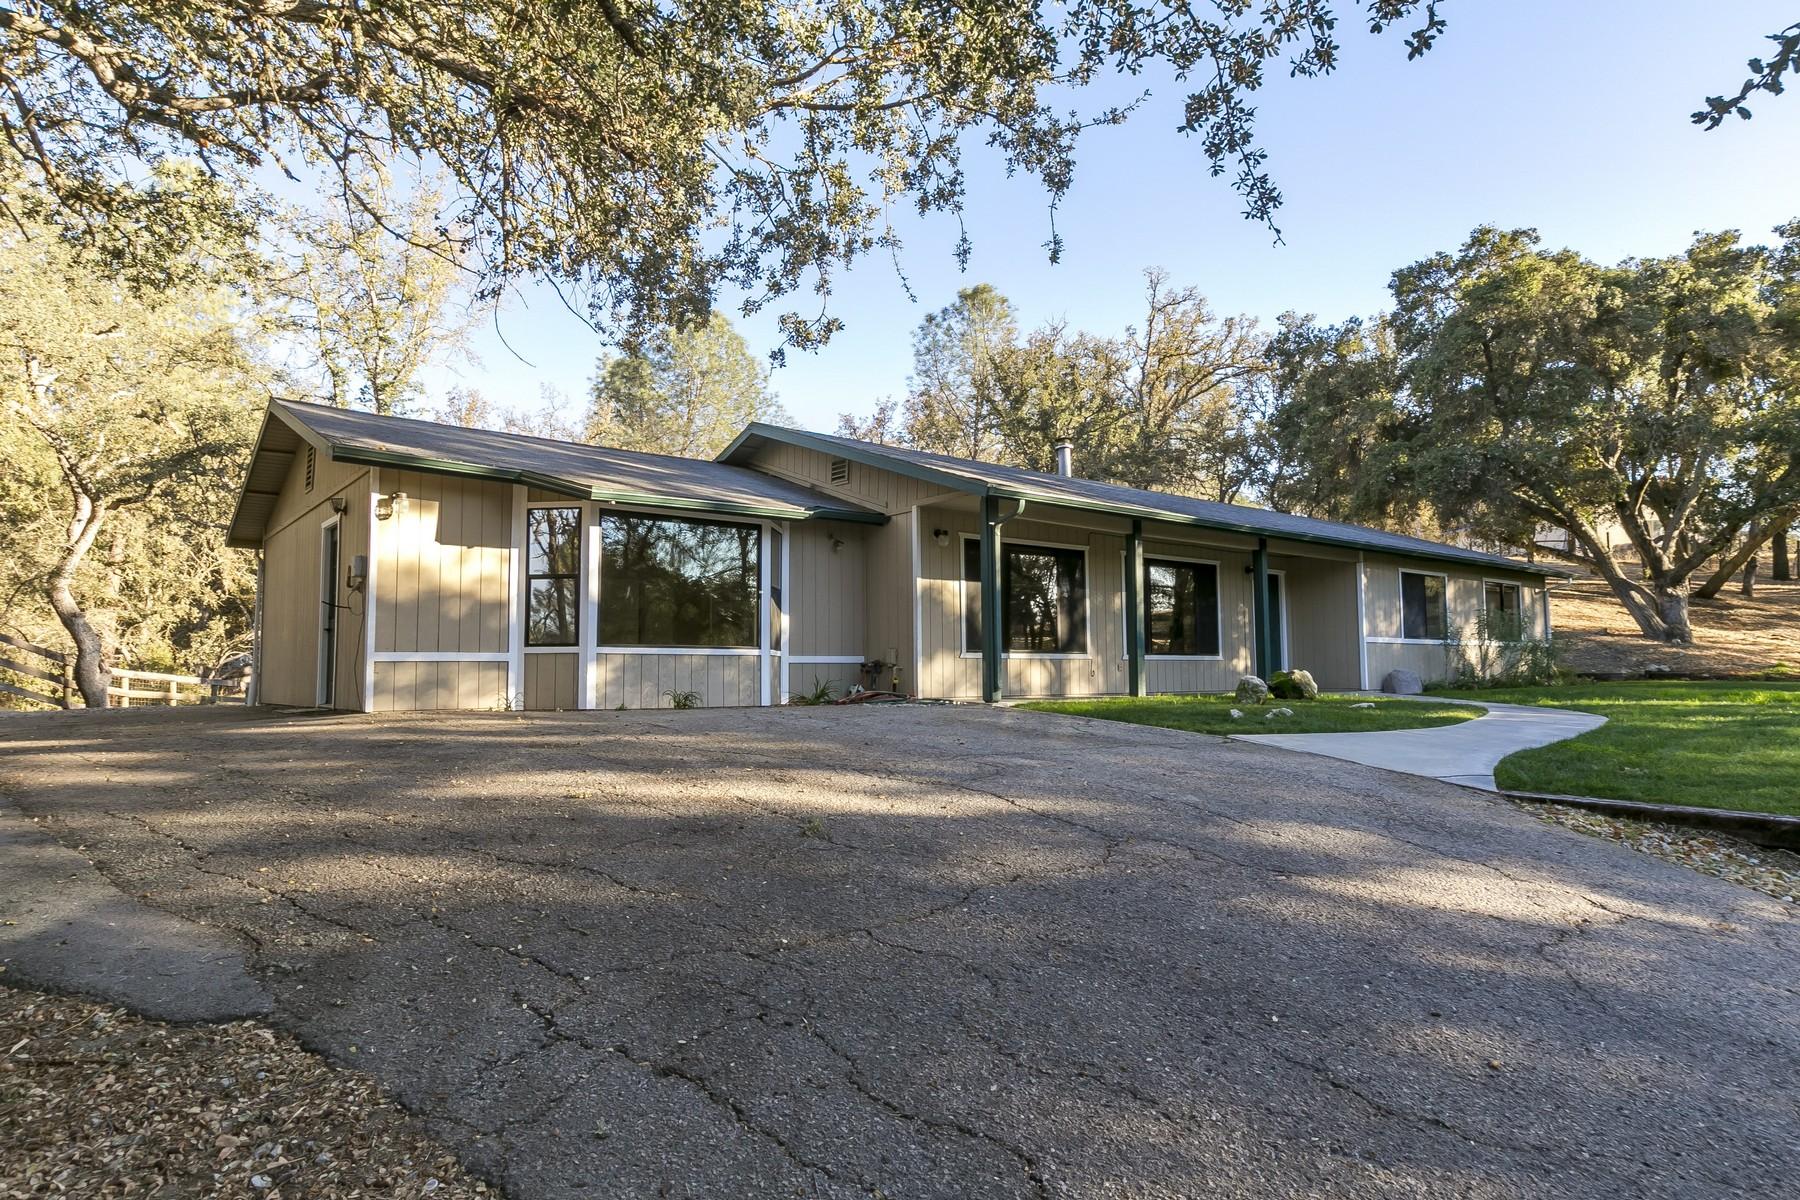 9156 Santa Barbara Rd, Atascadero, CA 93422